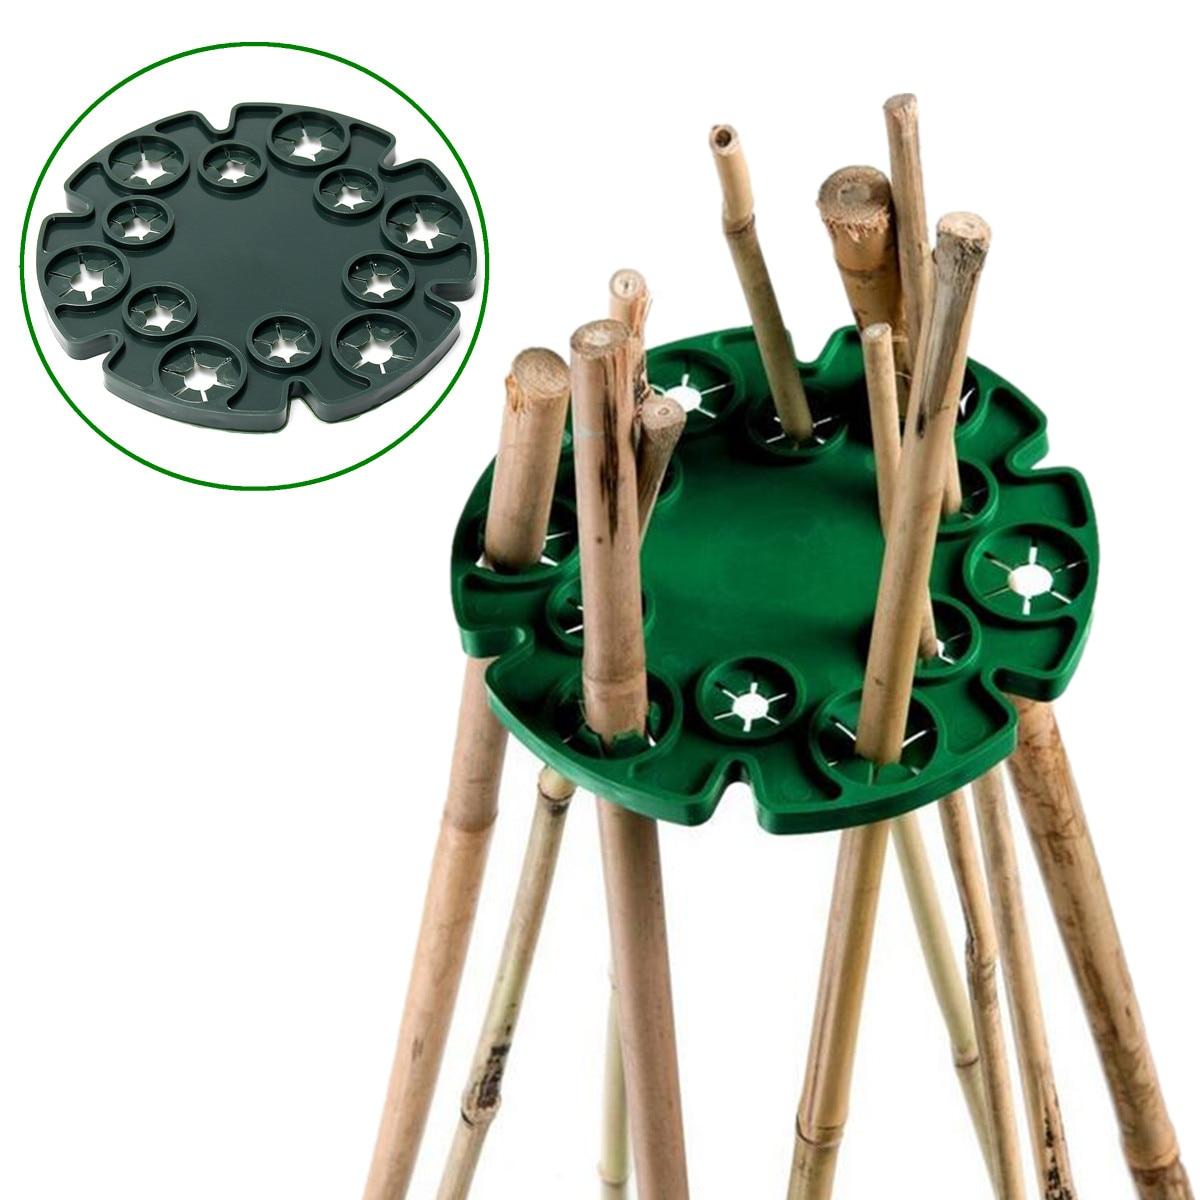 13.5cm Diamiter Support Tray supports for Vegetables Plants Garden Bamboo Cane Wigwam Sticks Holder Plant Flower Fruit Vine Bean